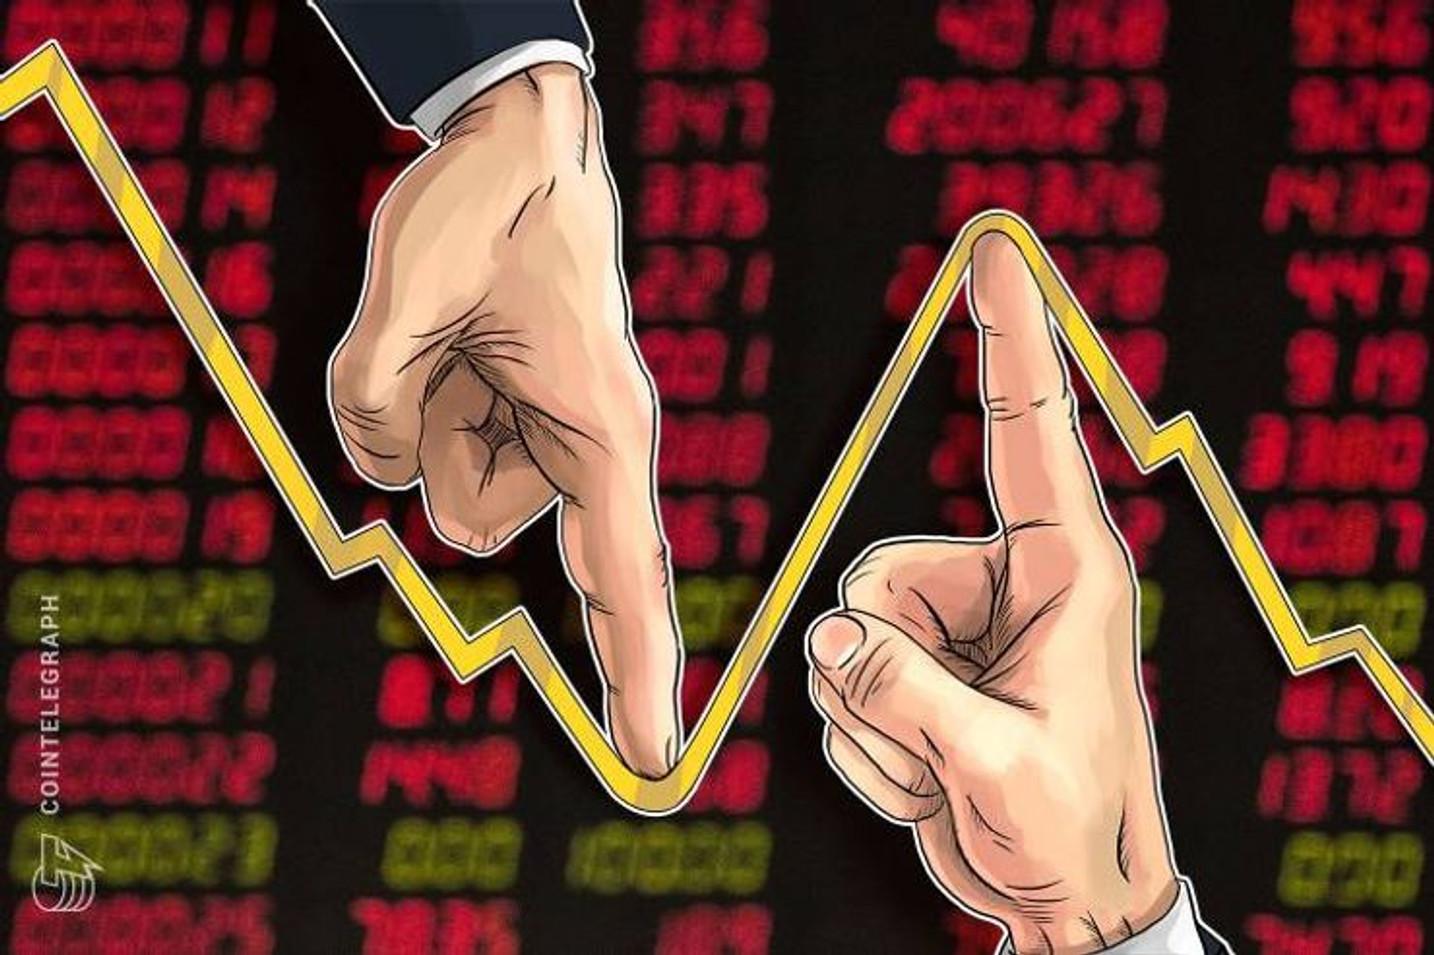 世界同時株安に歯止めか、日経平均と仮想通貨ビットコイン市場はやや回復